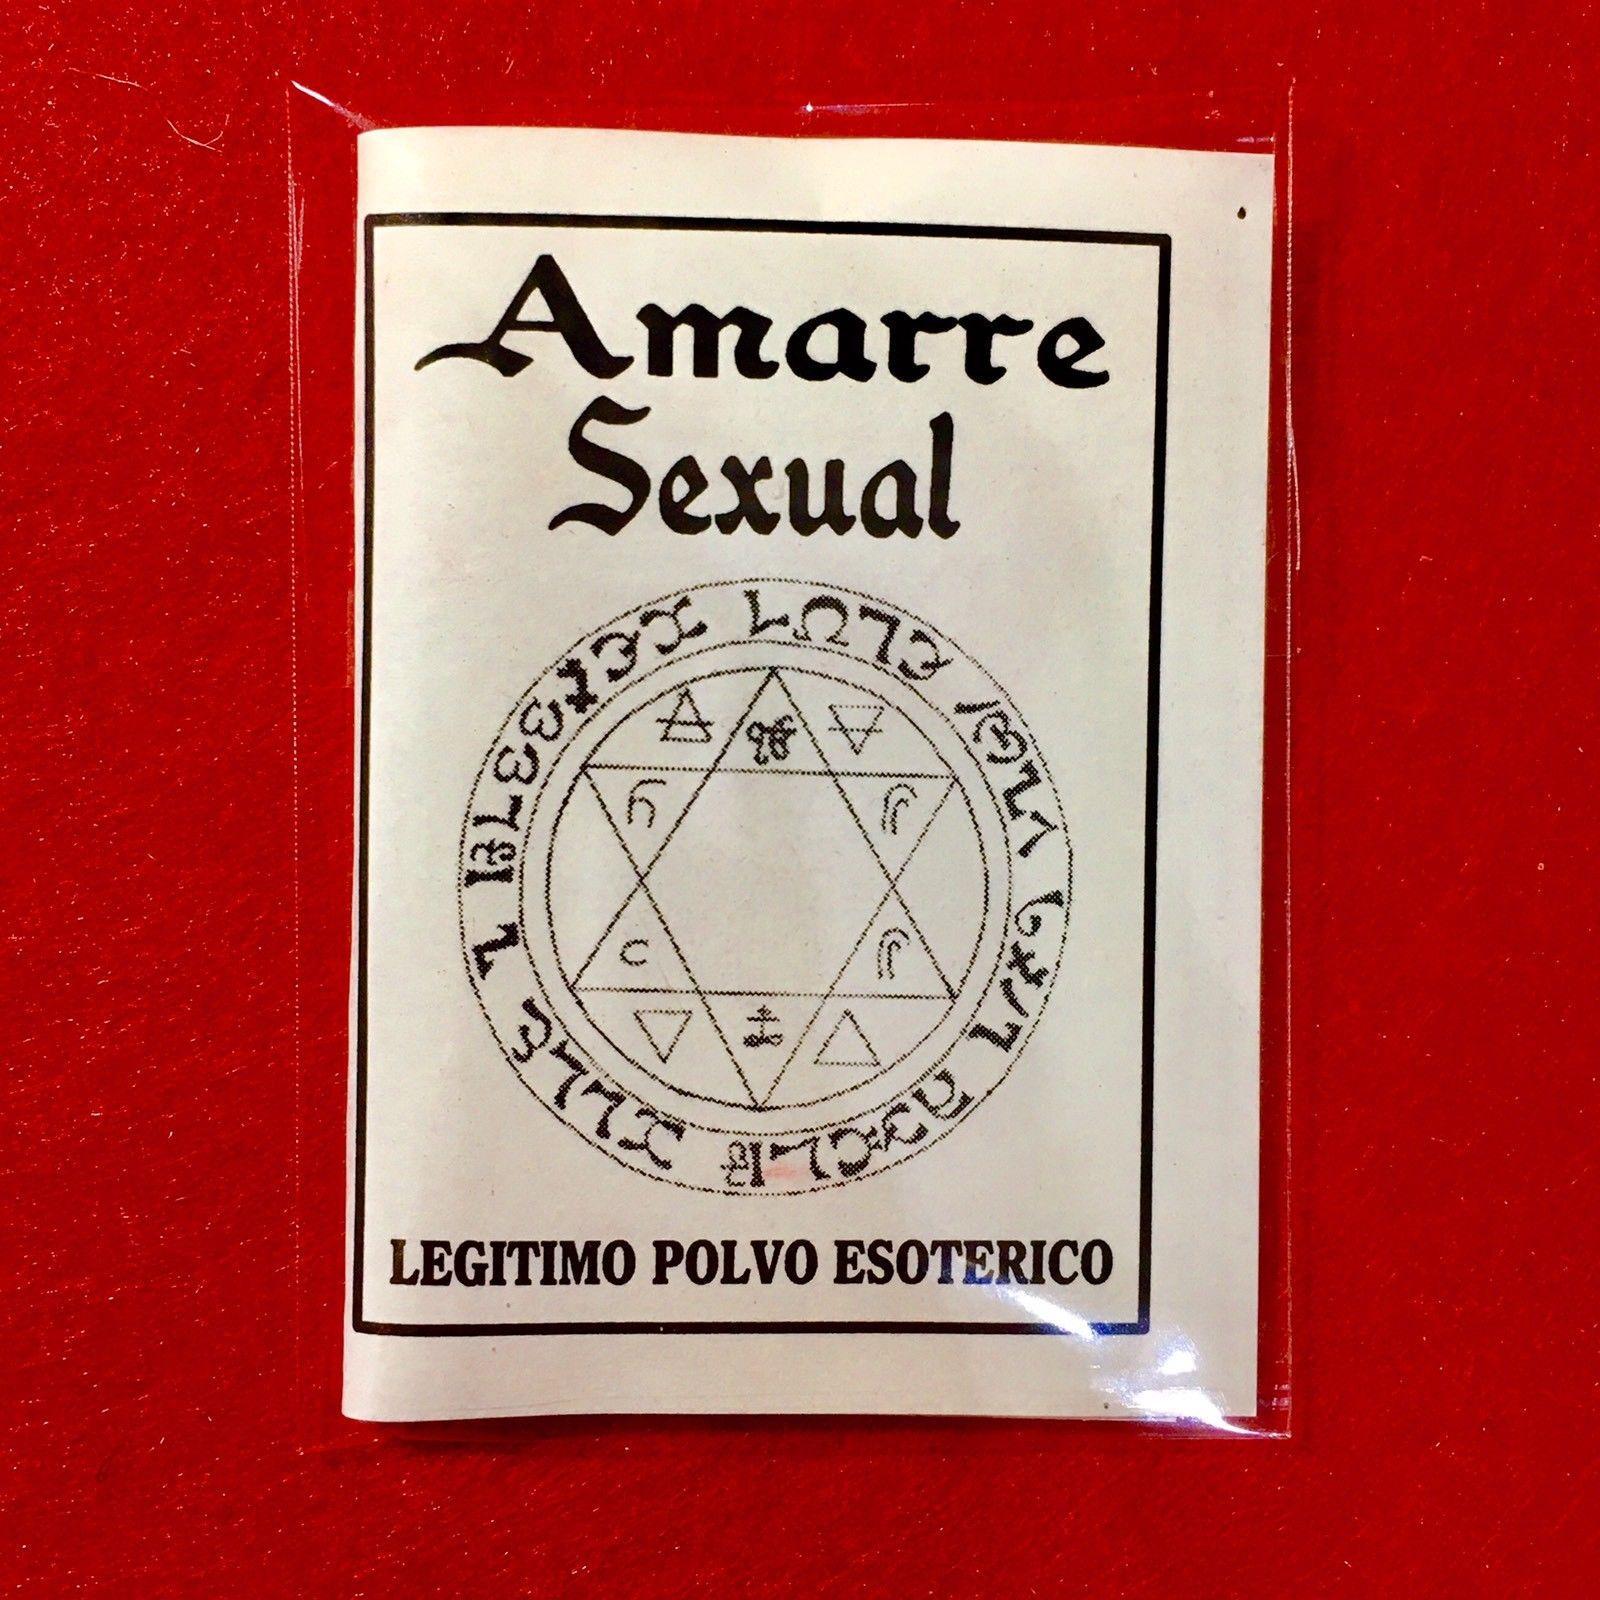 ☆ AMARRE SEXUAL ☆ LEGITIMO POLVO ESOTERICO ESPECIAL !!!